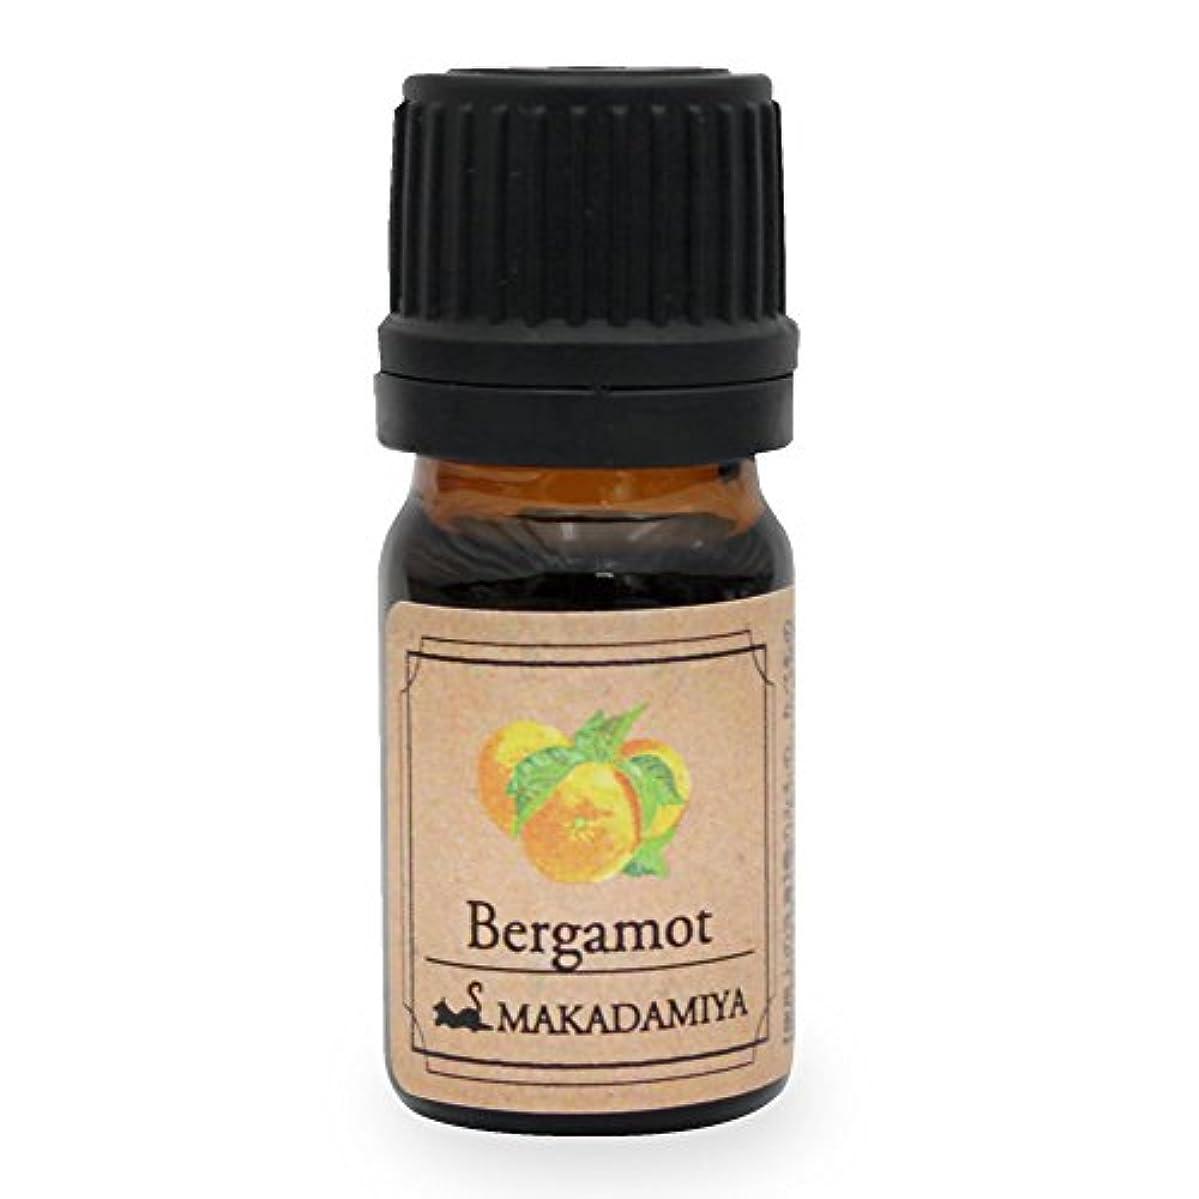 絶望的な改善出演者ベルガモット5ml 天然100%植物性 エッセンシャルオイル(精油) アロマオイル アロママッサージ aroma Bergamot